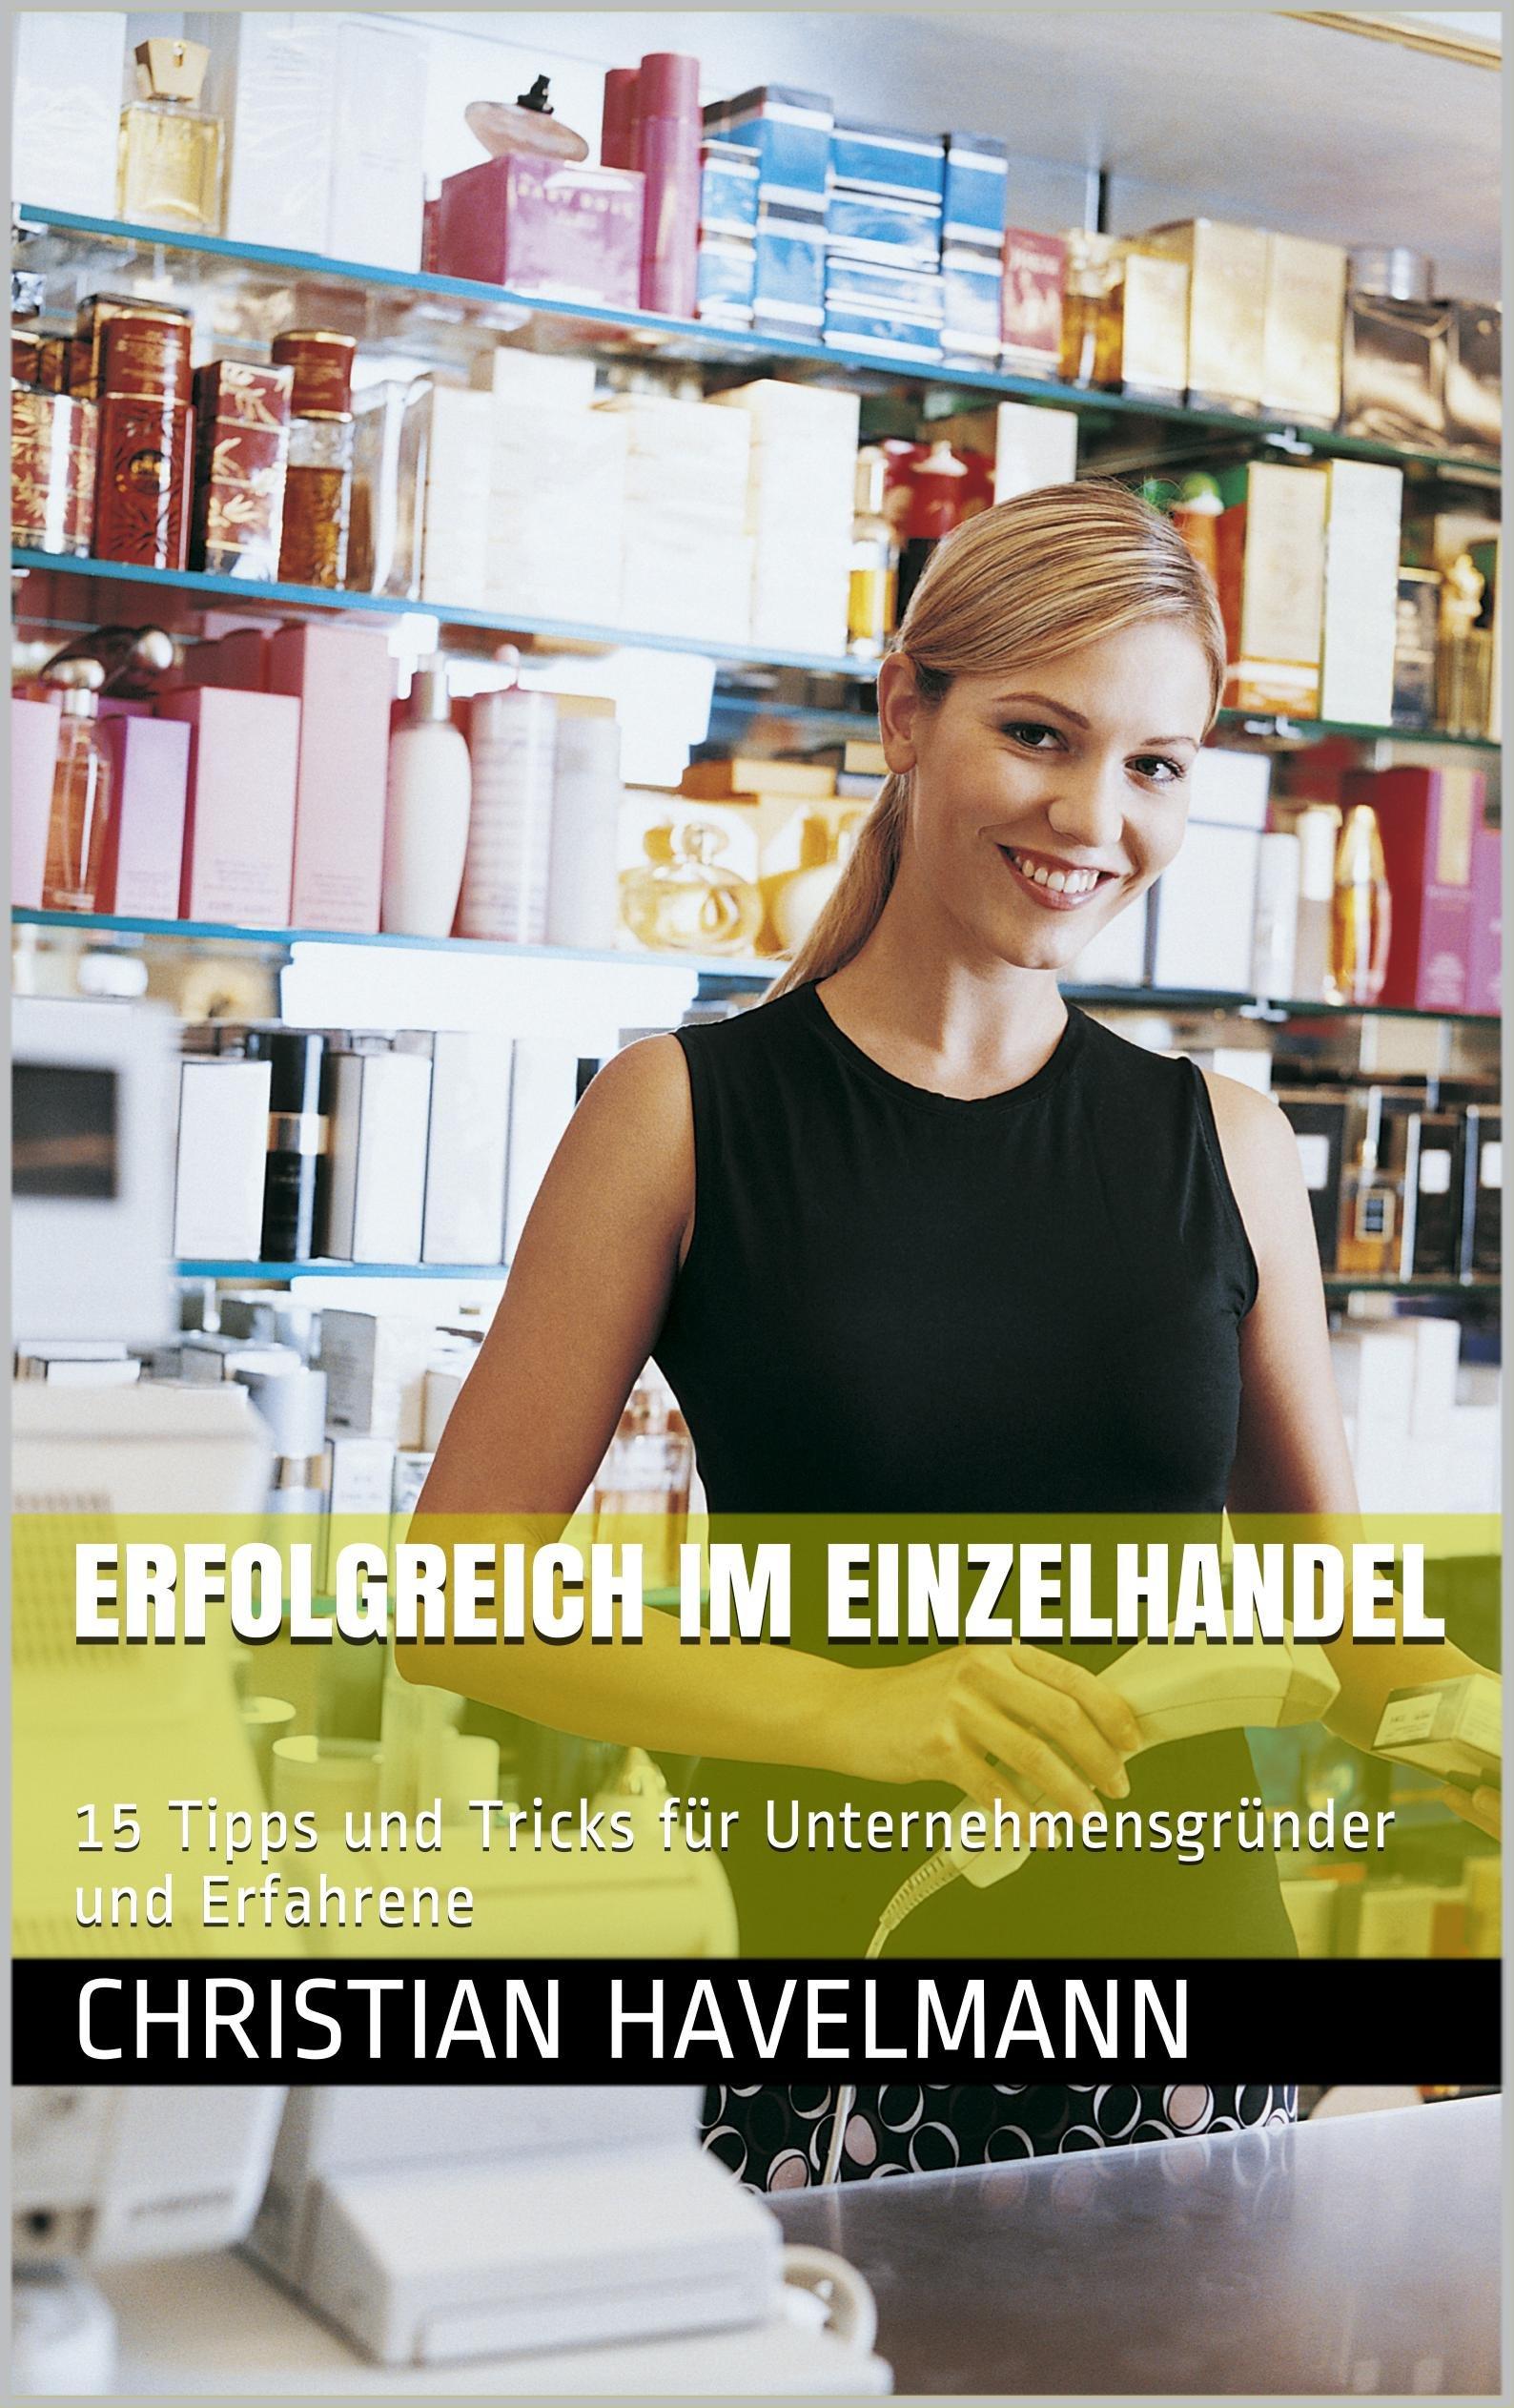 Erfolgreich im Einzelhandel: 15 Tipps und Tricks für Unternehmensgründer und Erfahrene (German Edition)